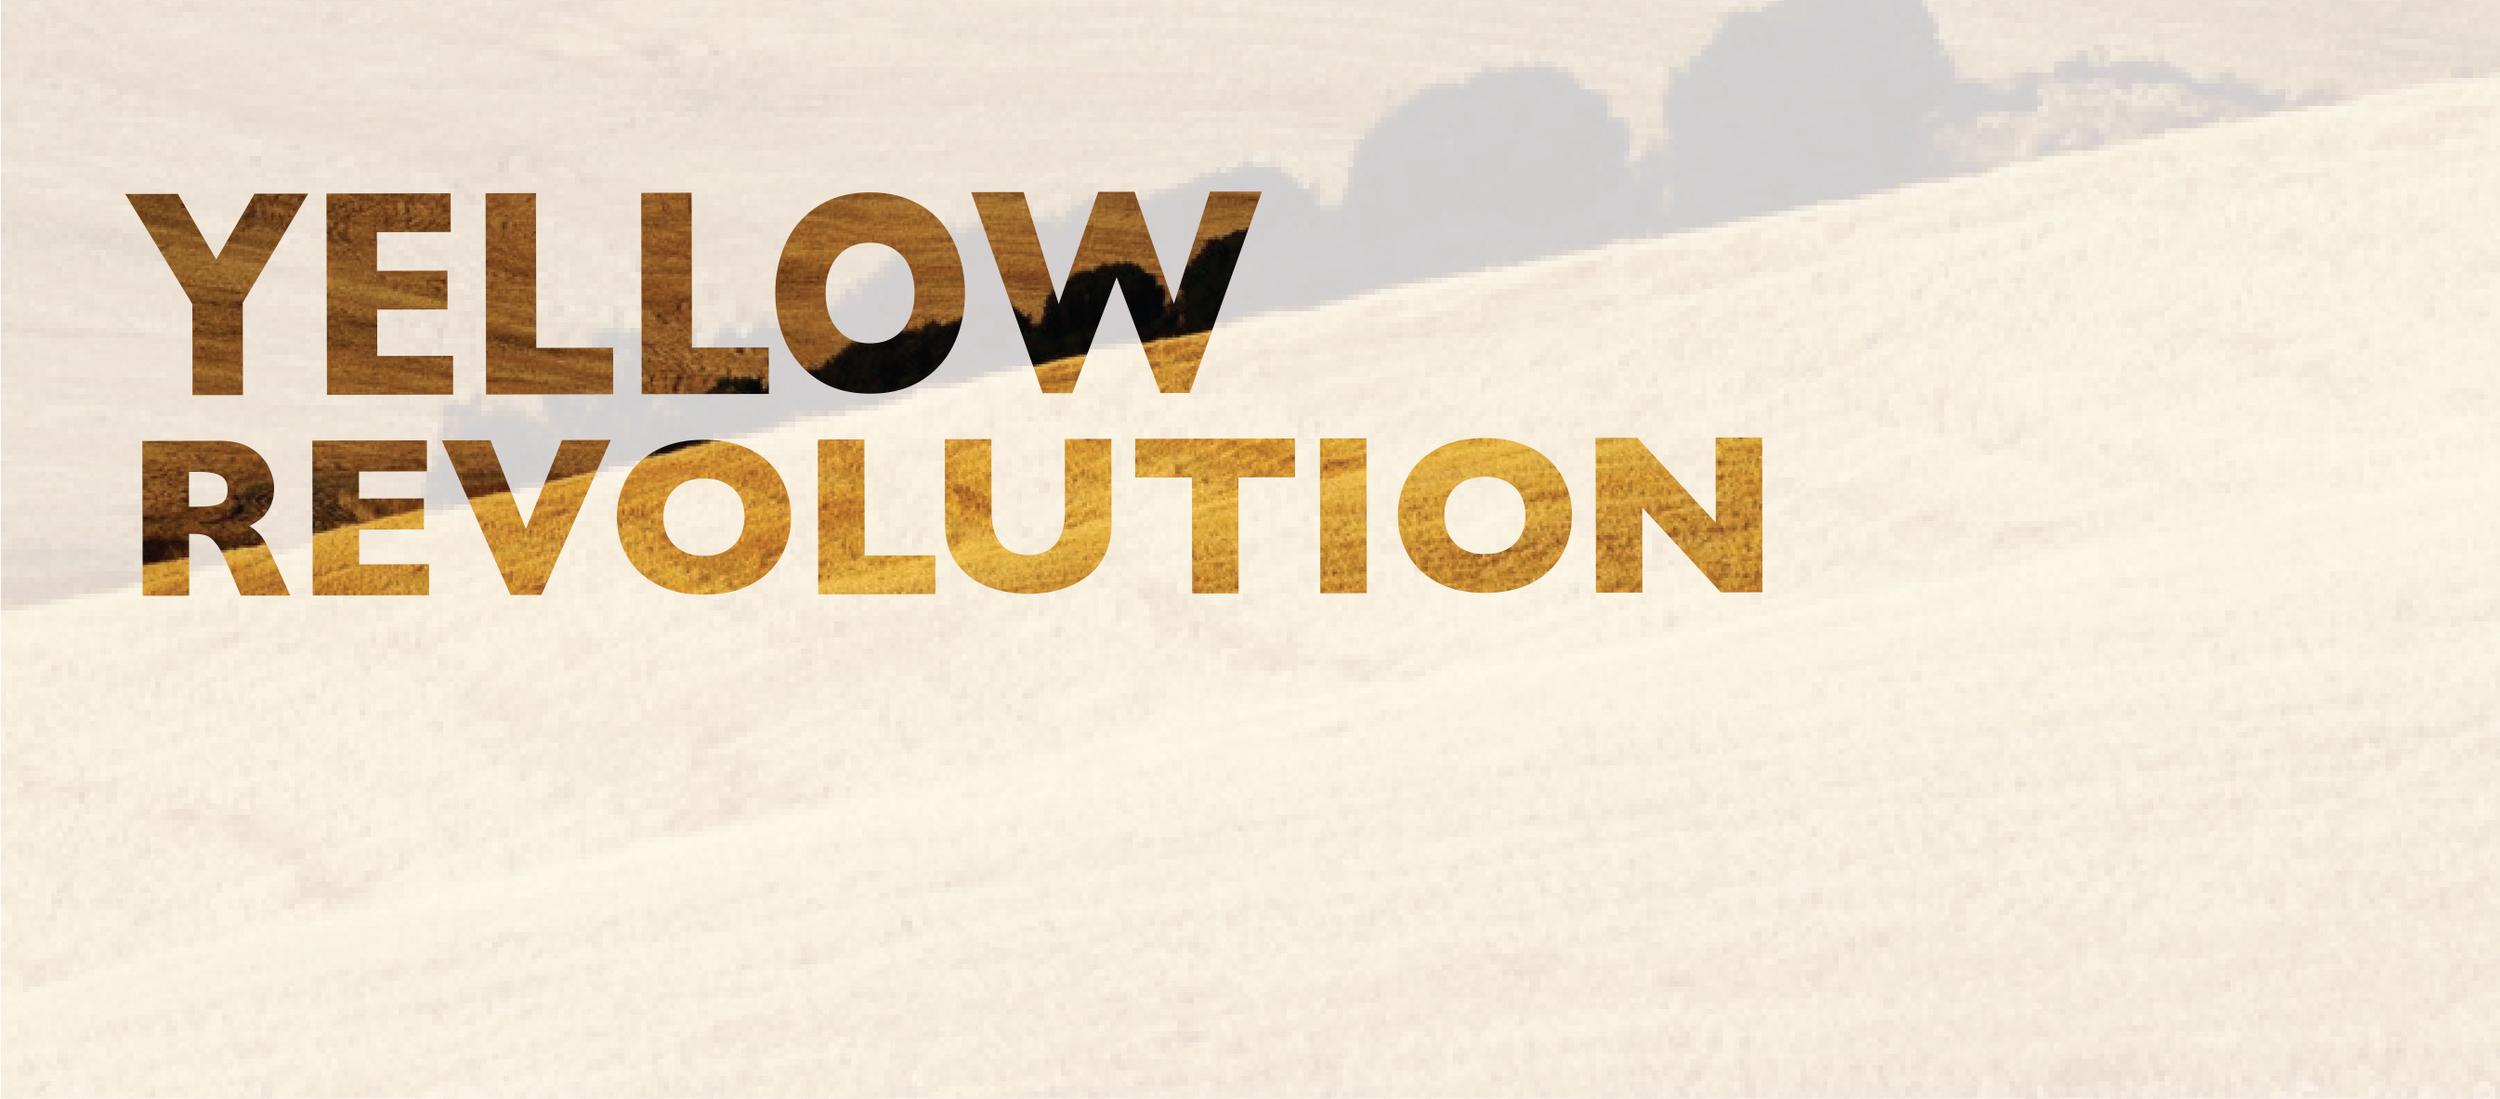 YellowRevolution.jpg